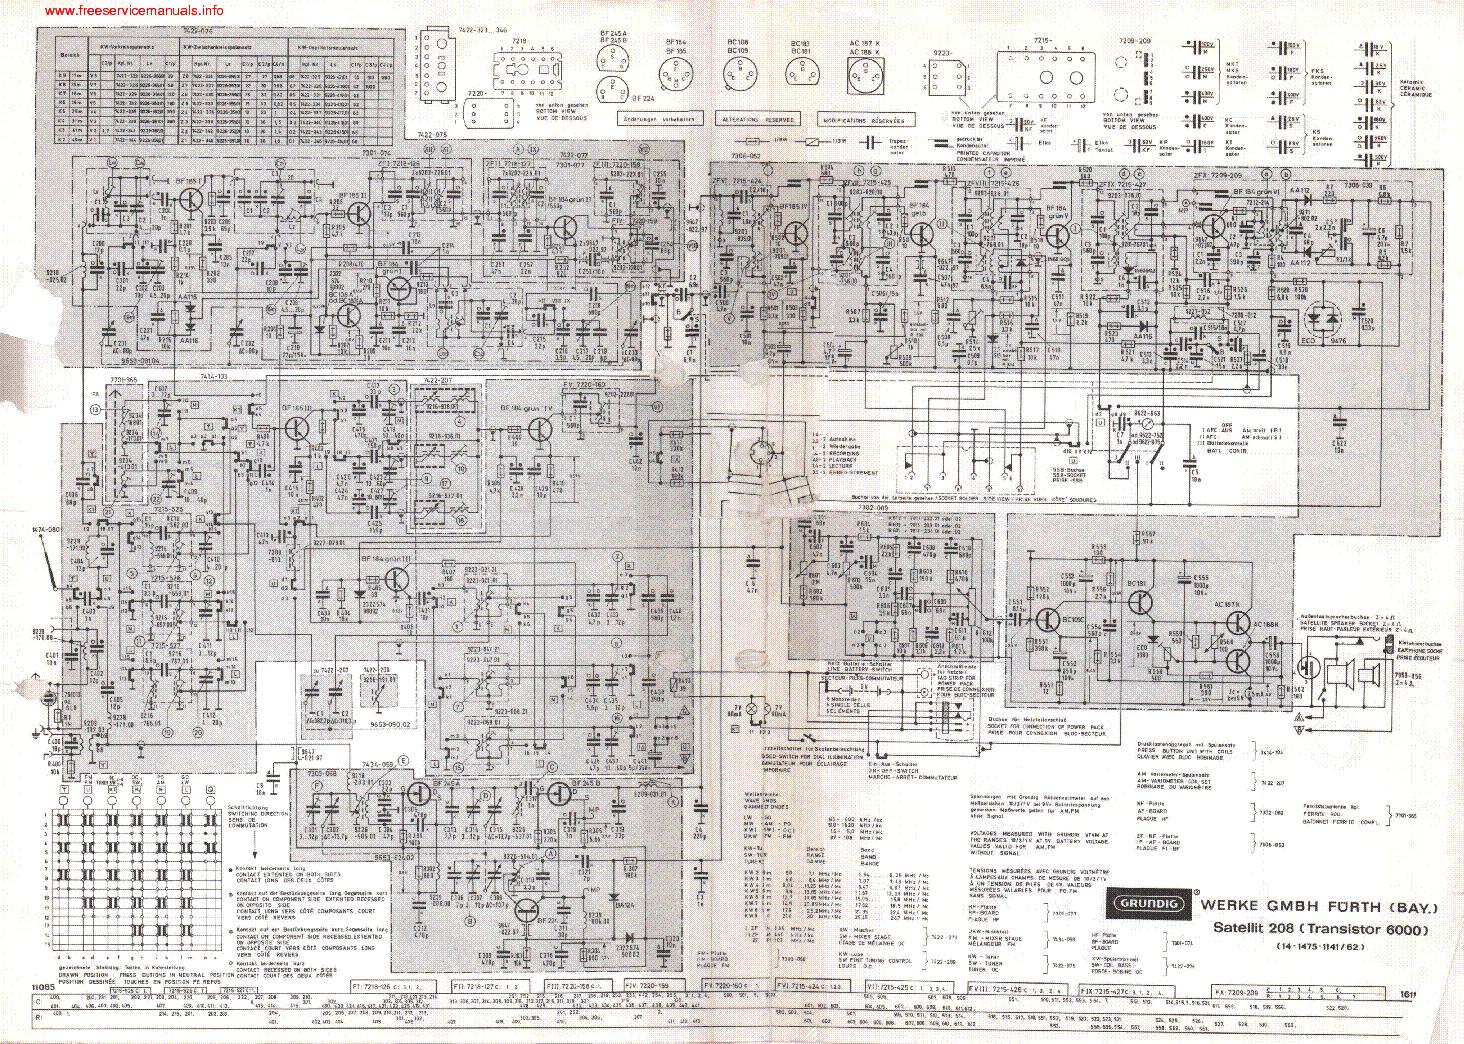 Grundig Satellit 208g Sch Service Manual Download  Schematics  Eeprom  Repair Info For